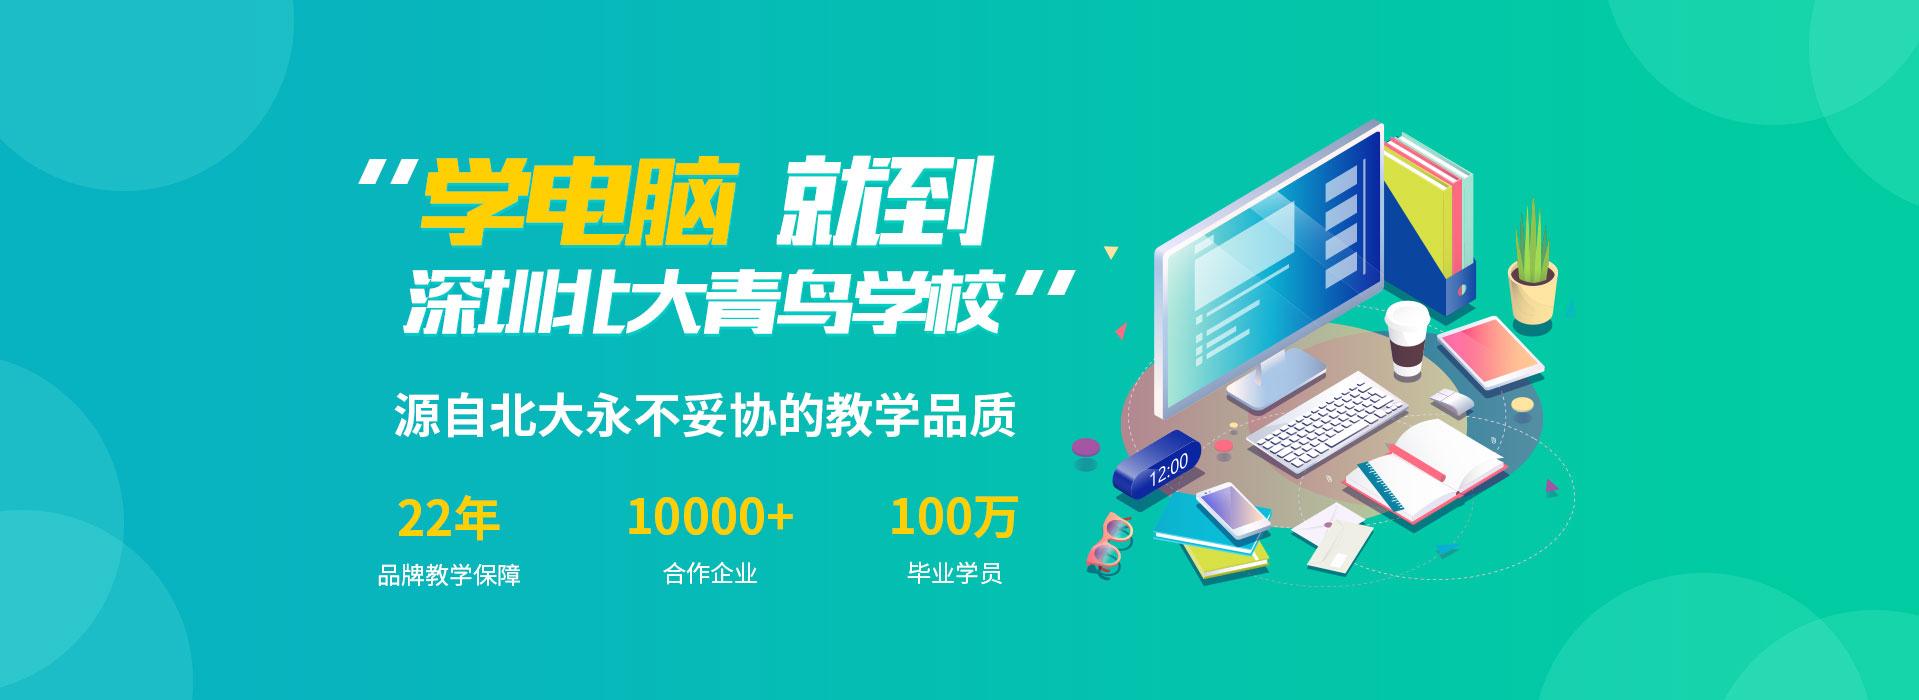 学电脑就到深圳北大亚博app 安卓手机下载学校